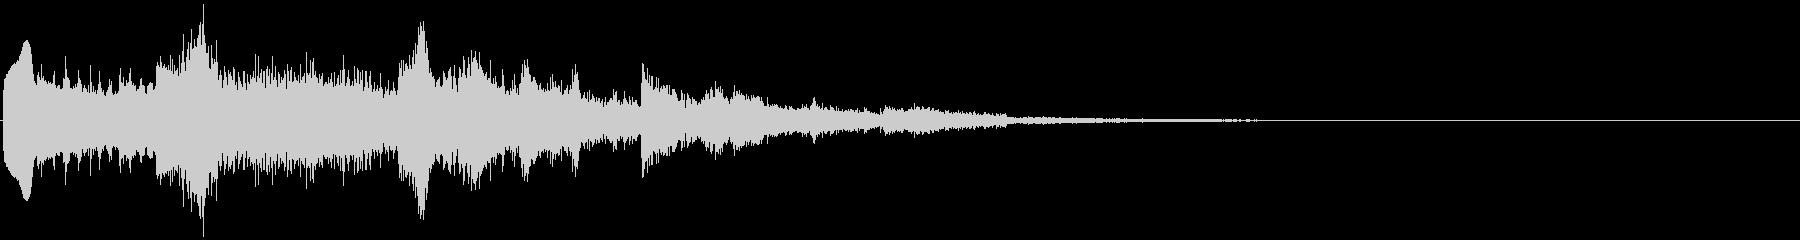 パリララリラ…(混乱、パニック)の未再生の波形